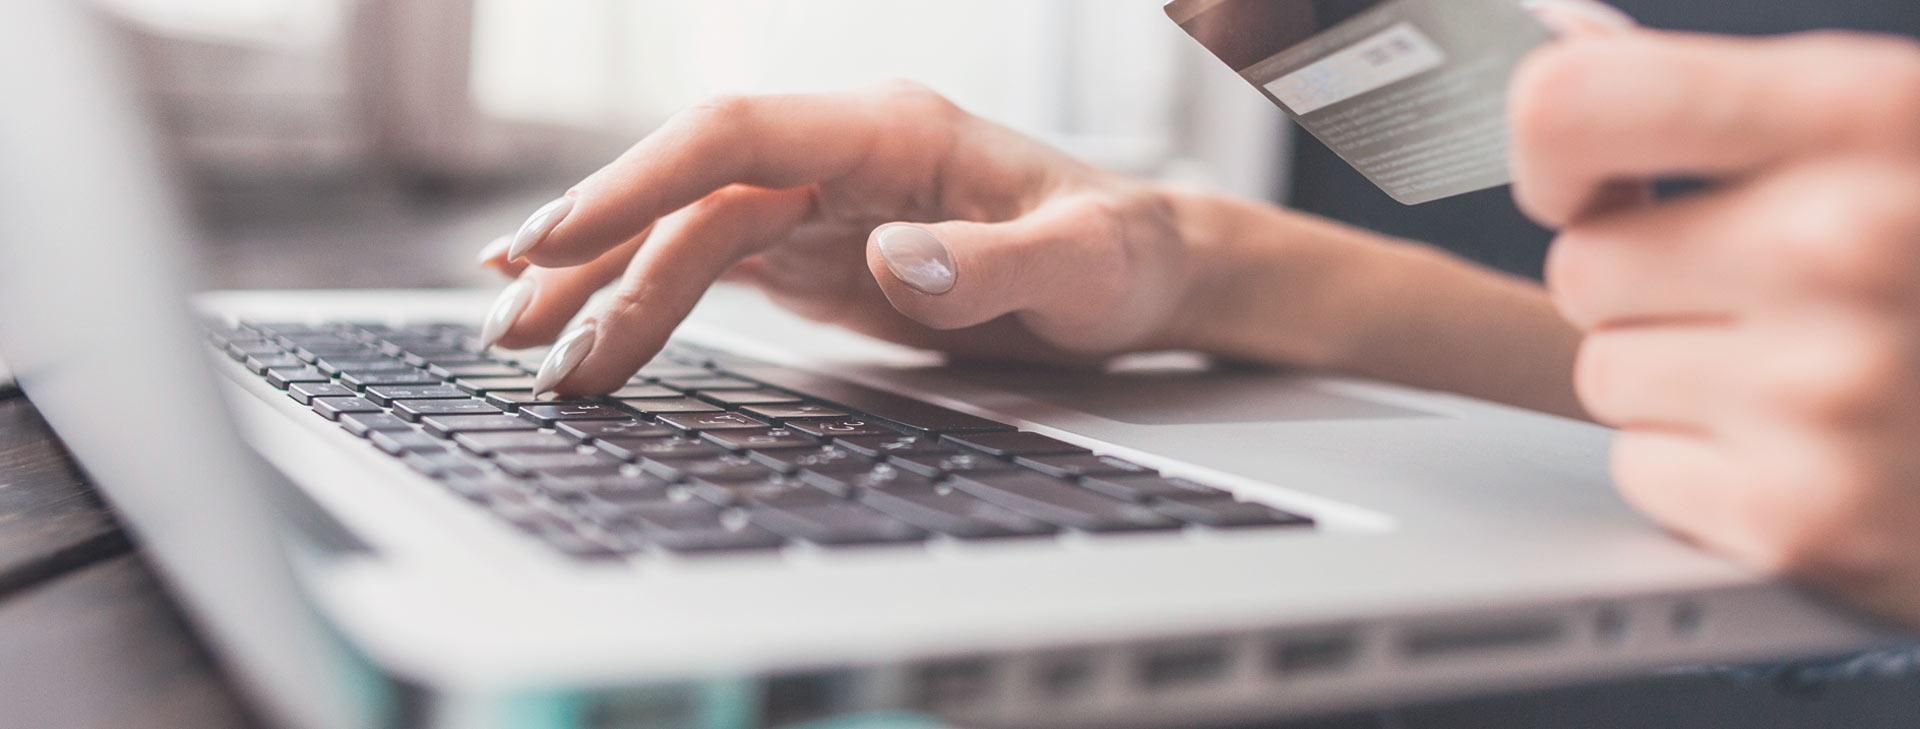 Consejos para hacer tus compras online con seguridad, Oney blog, presupuesto familiar,